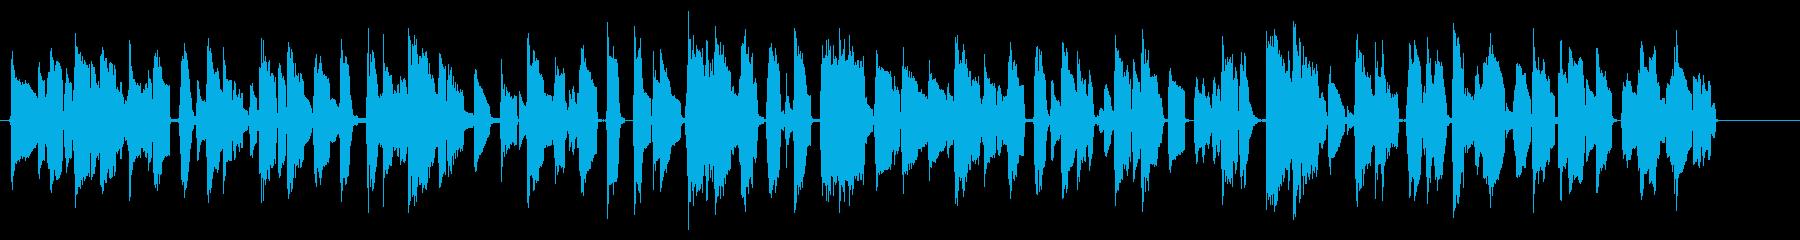 ほんわかした雰囲気のゲーム・映像向け音楽の再生済みの波形